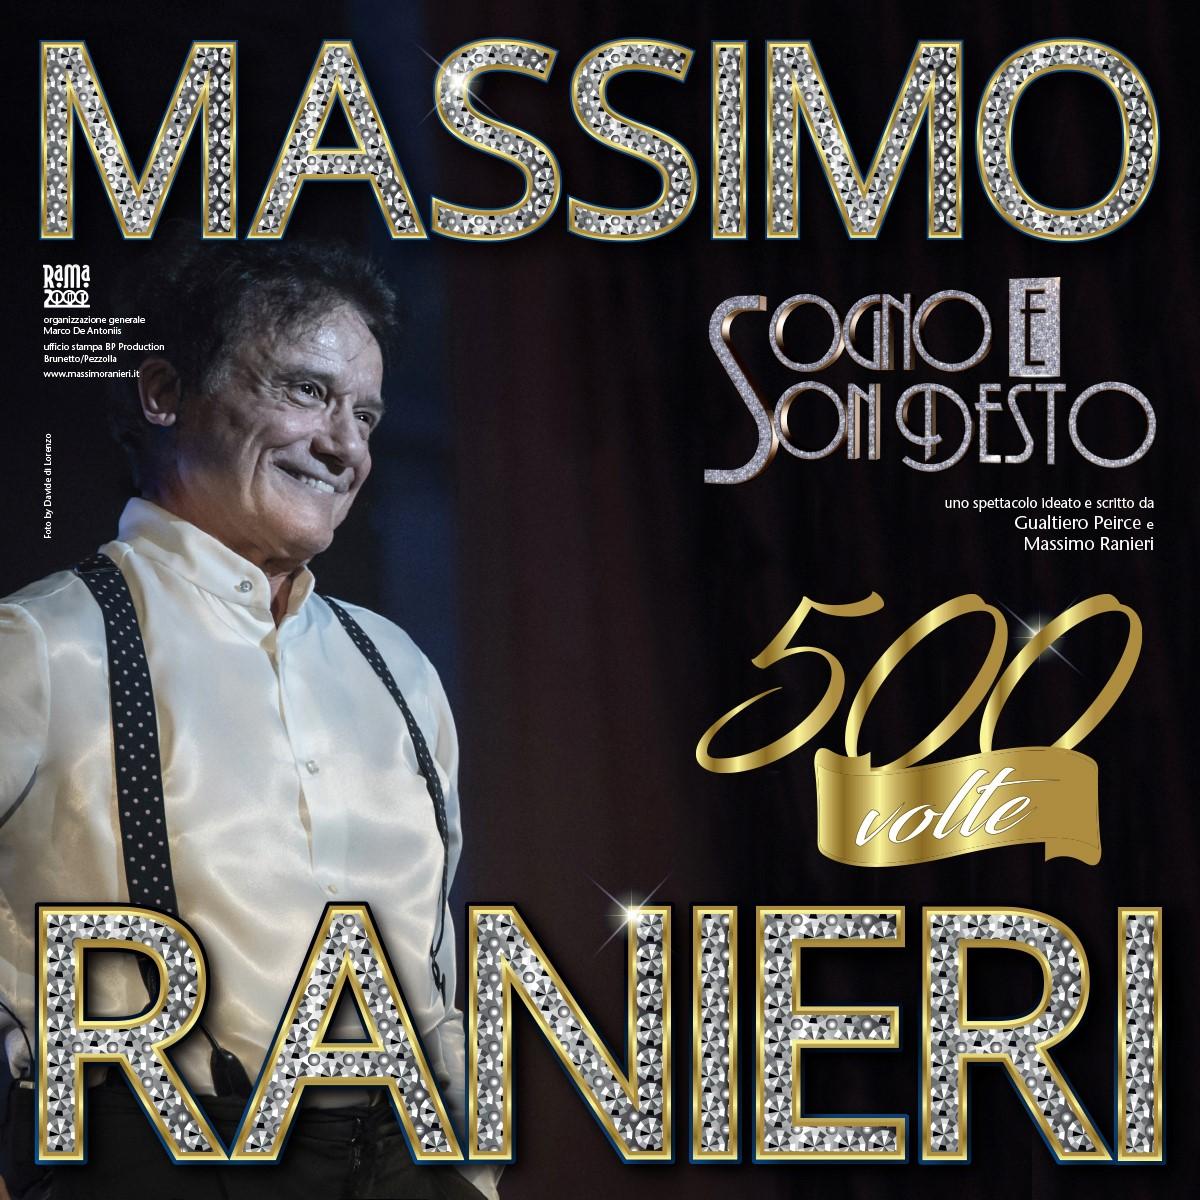 """MASSIMO RANIERI """"SOGNO E SON DESTO 500 VOLTE"""":  UN NUOVO EMOZIONANTE VIAGGIO NEI GRANDI TEATRI ITALIANI"""